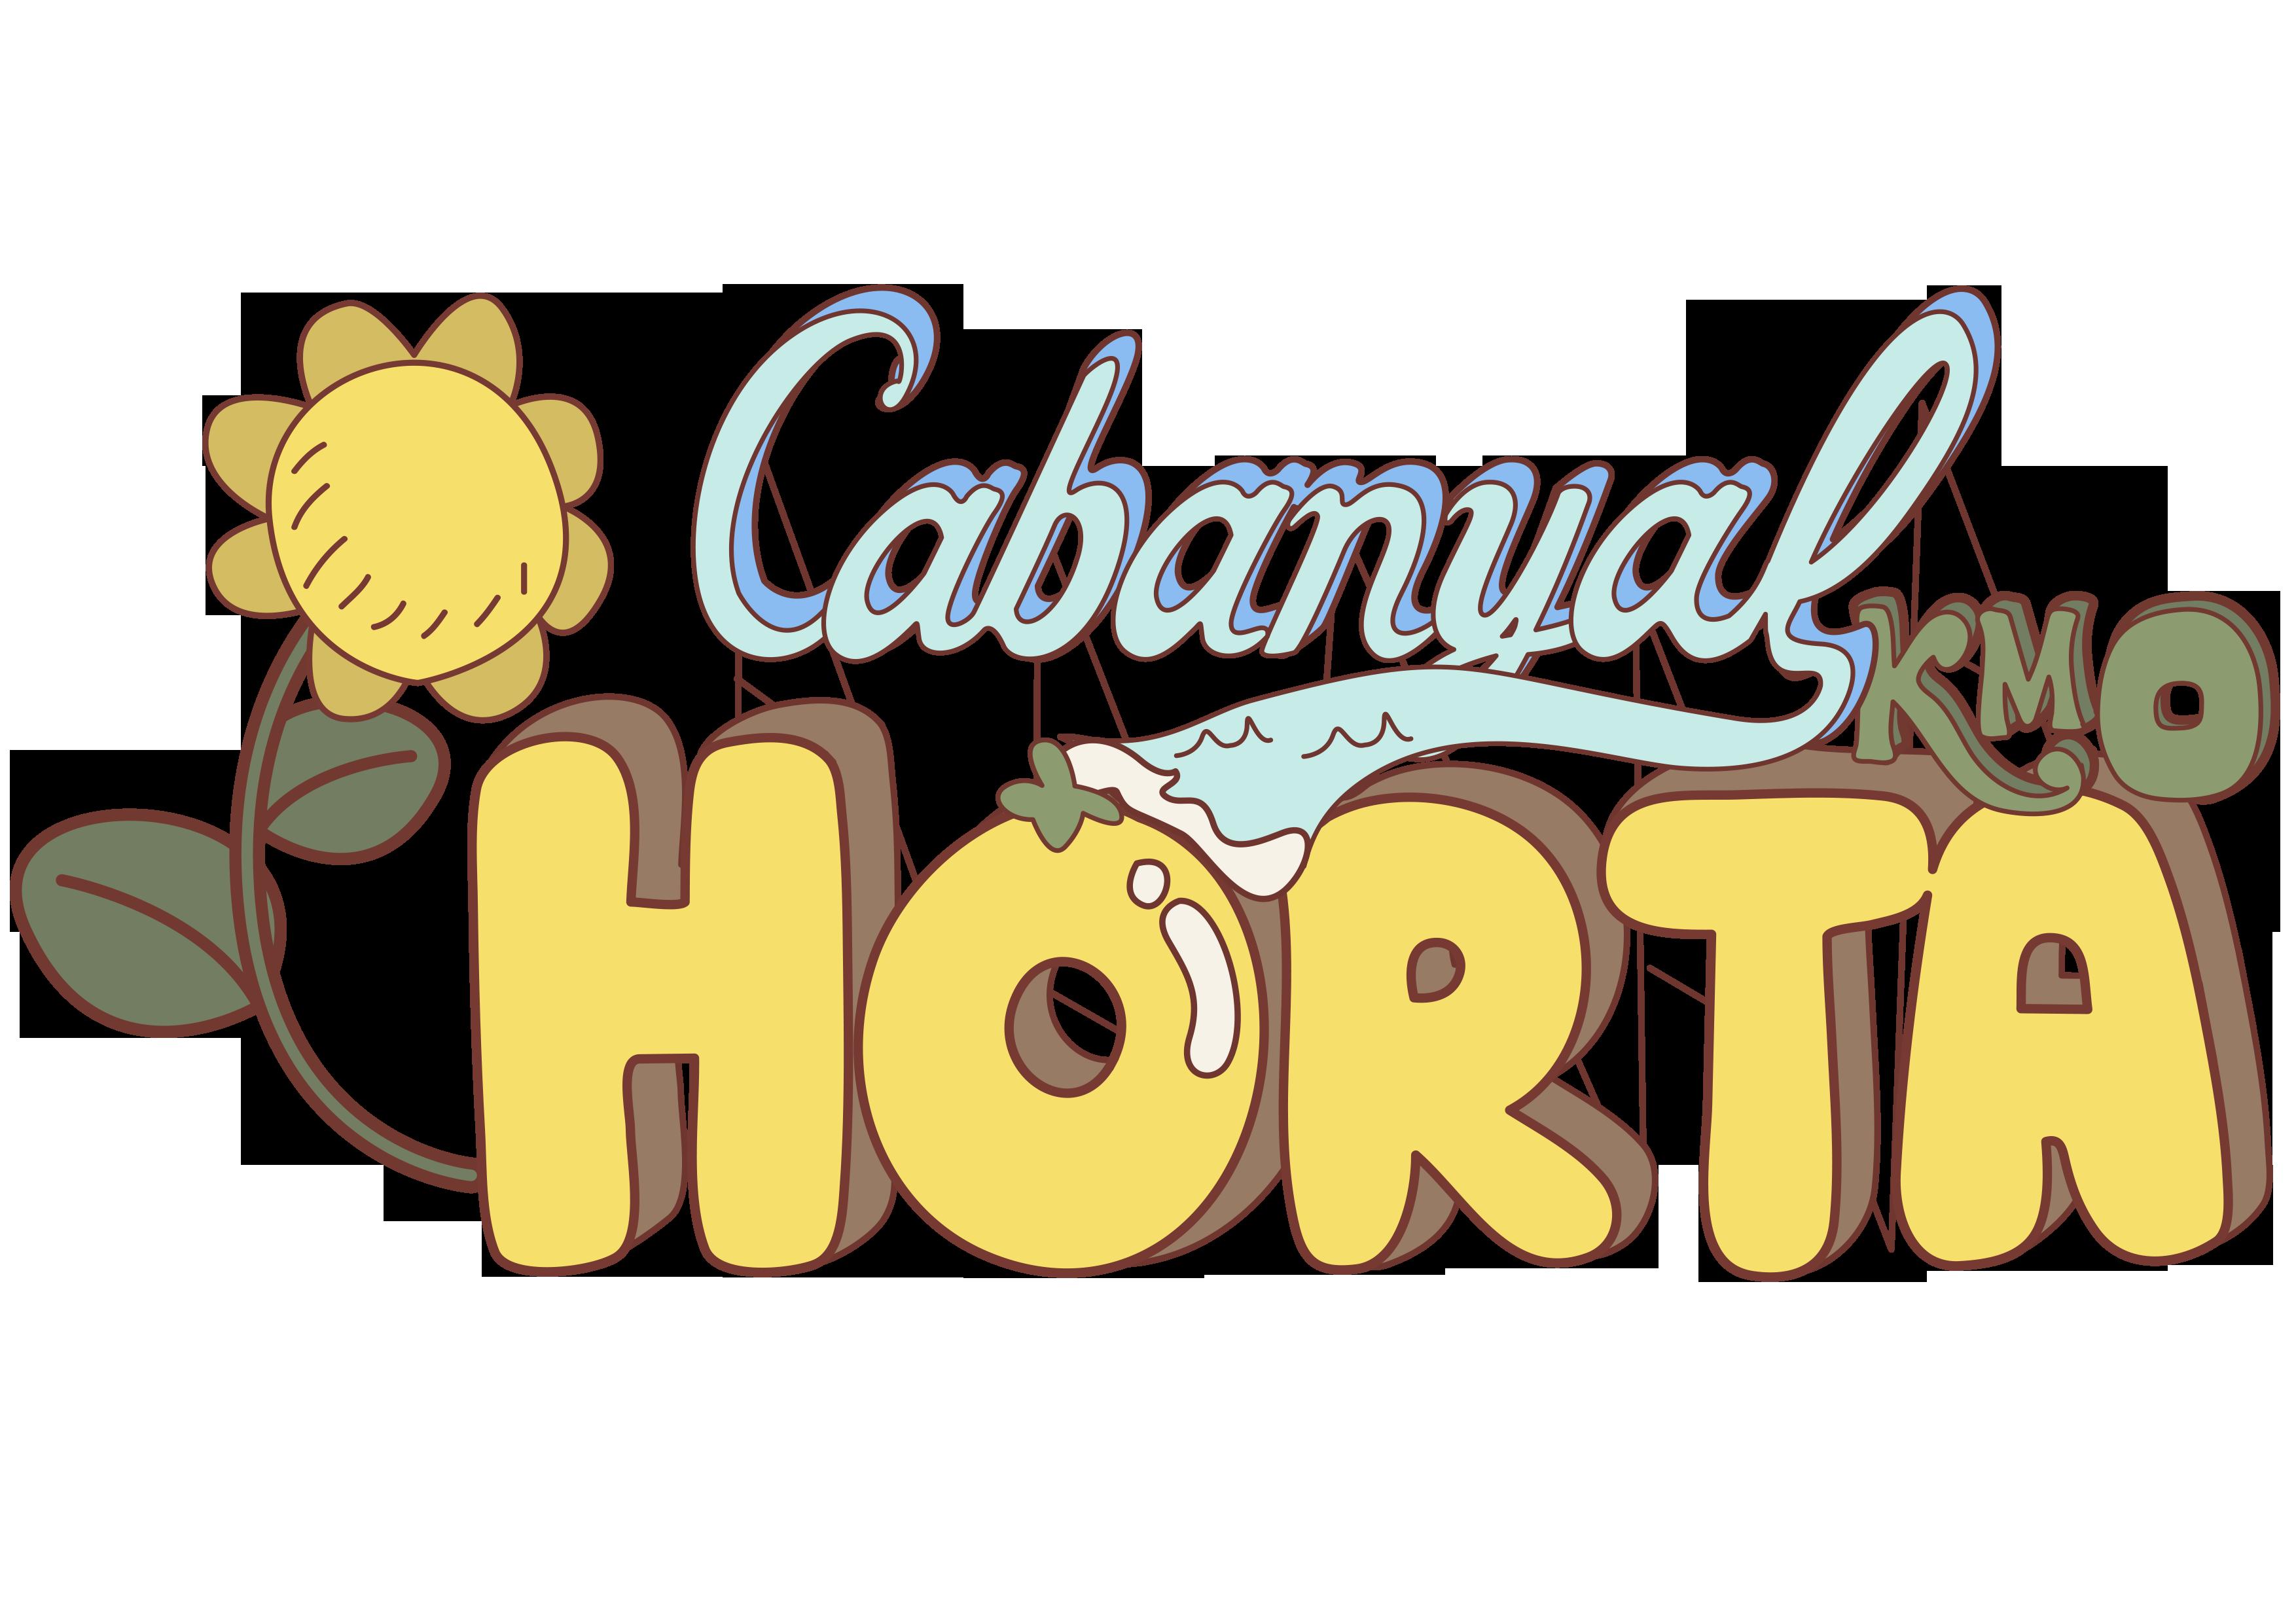 Cabanyal Horta